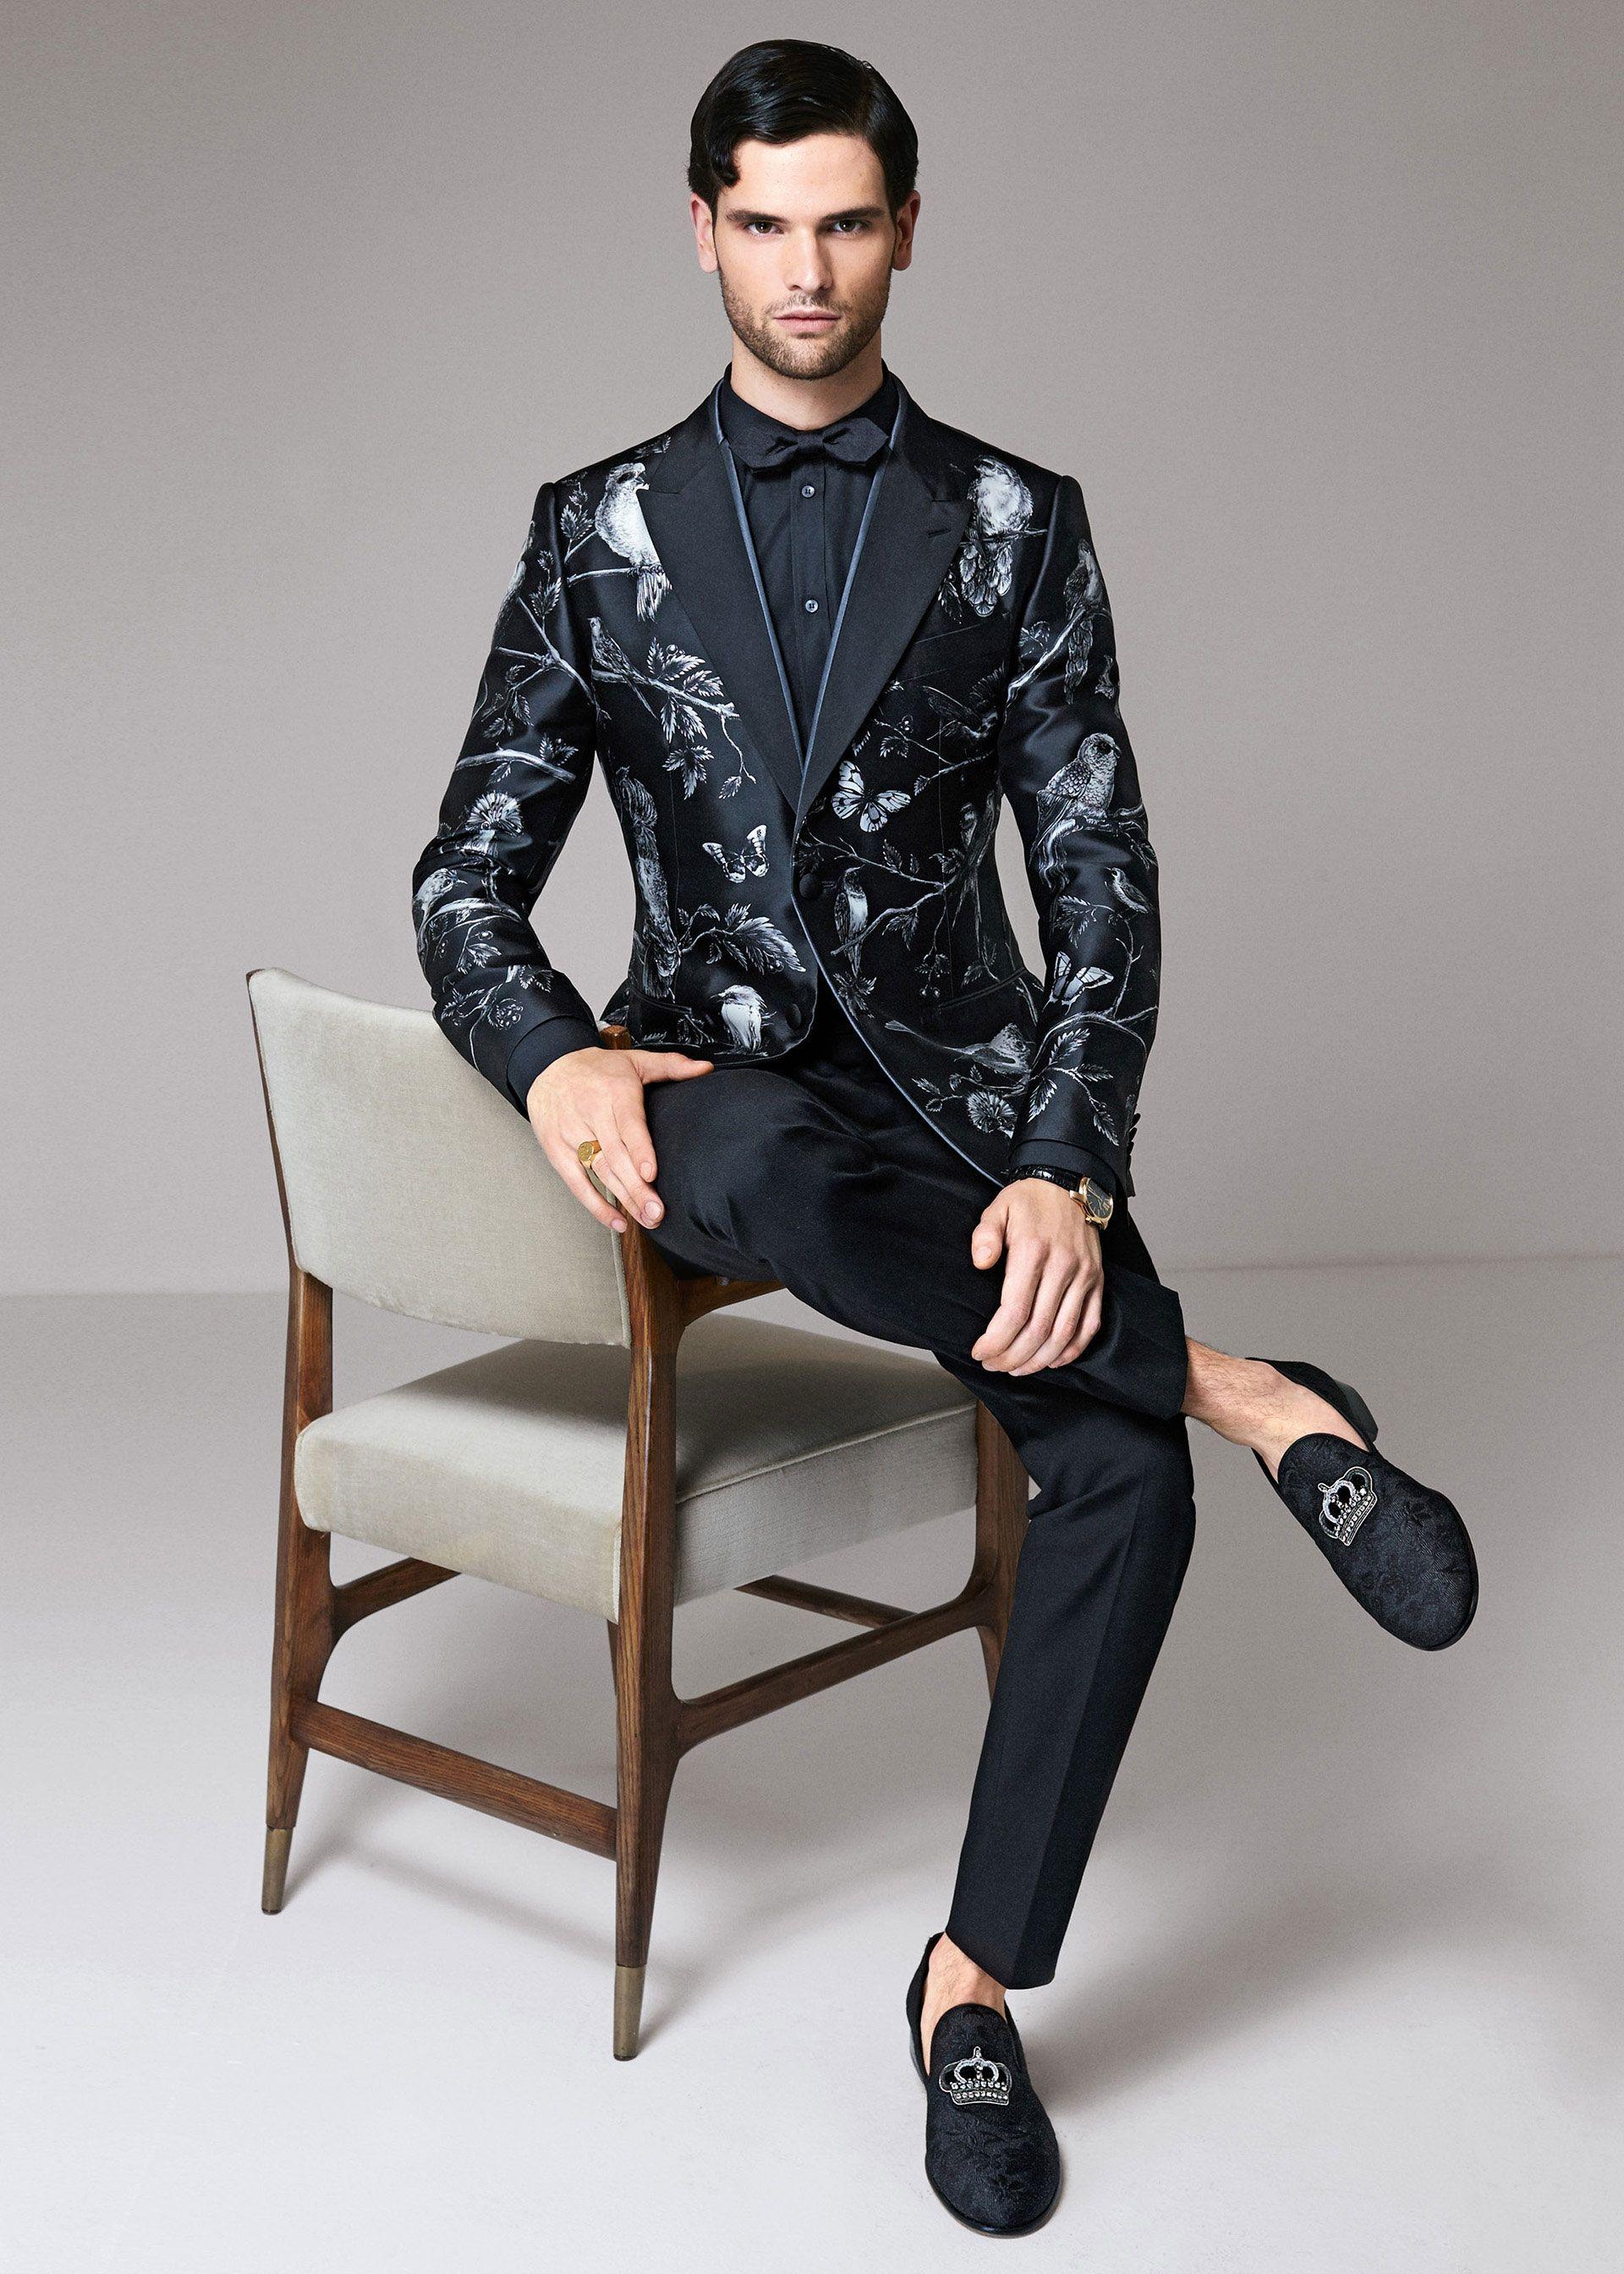 Vestiti Matrimonio Uomo Dolce E Gabbana : Dolce gabbana abiti sposo moda vestito da sposa vestiti